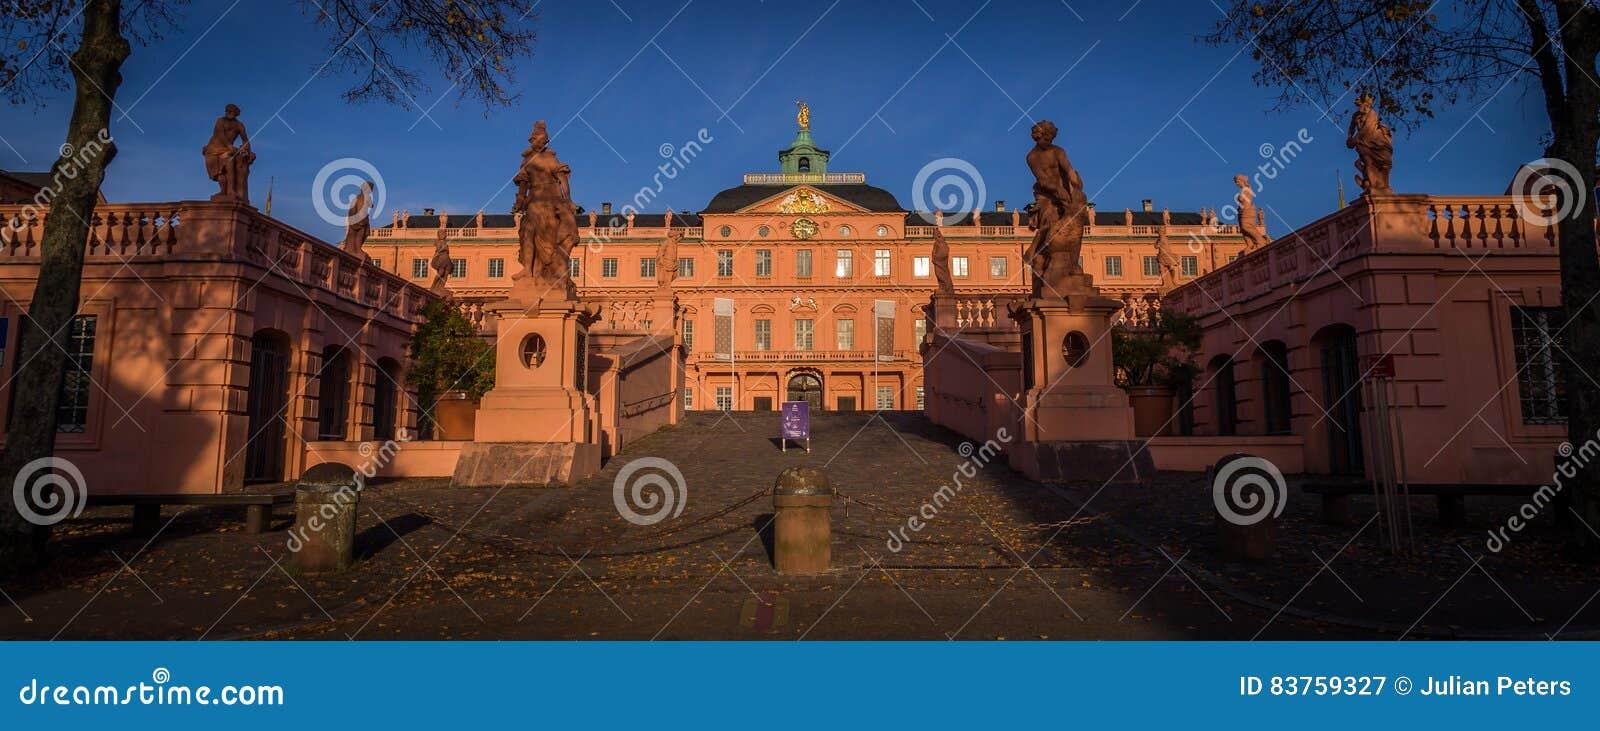 Rastatt Schloss, Baden, Germania